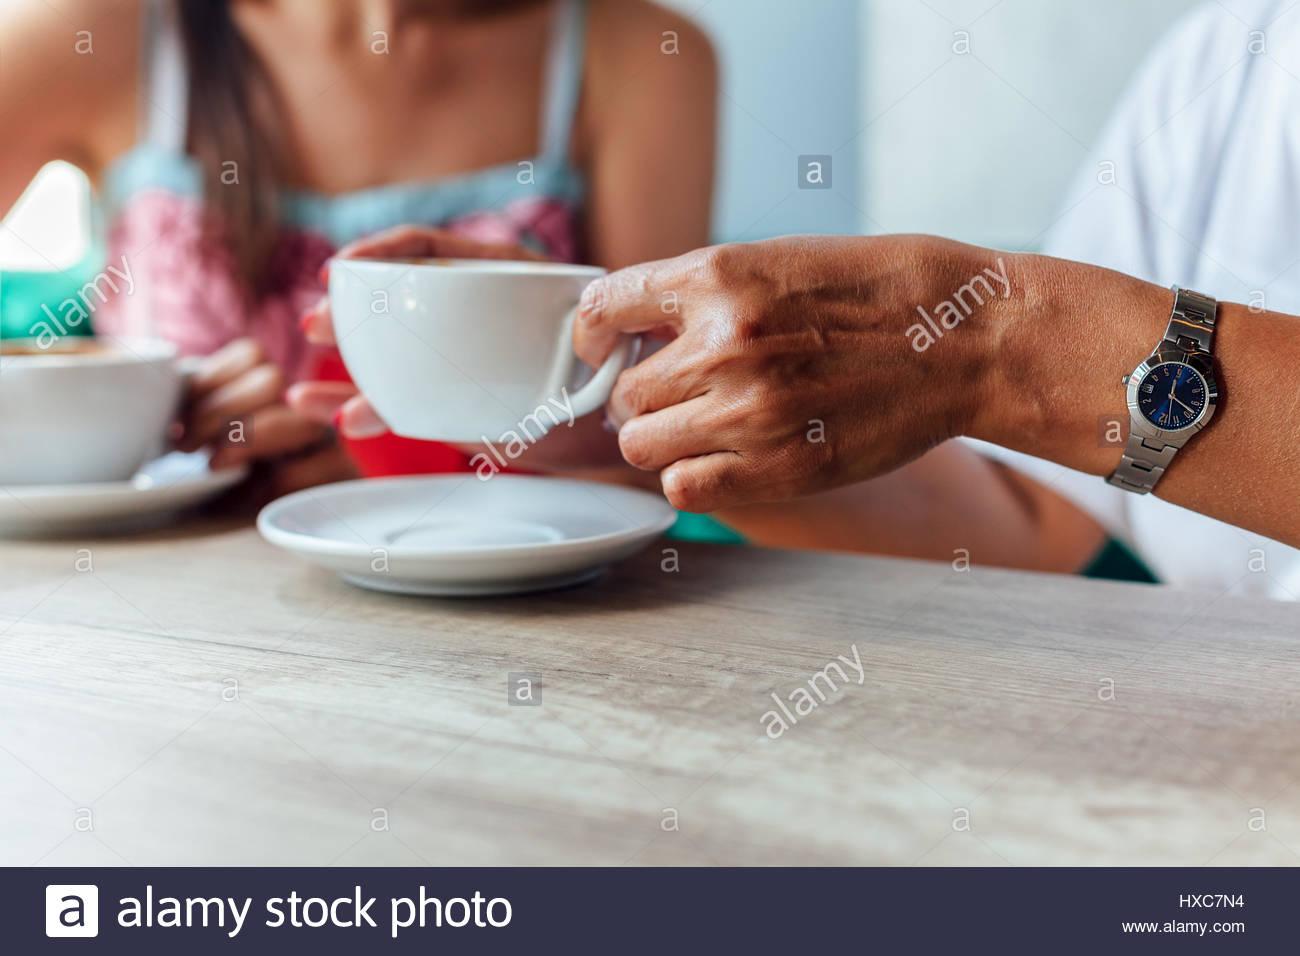 La hora del café, la madre y la hija de beber café en una cafetería. Imagen De Stock